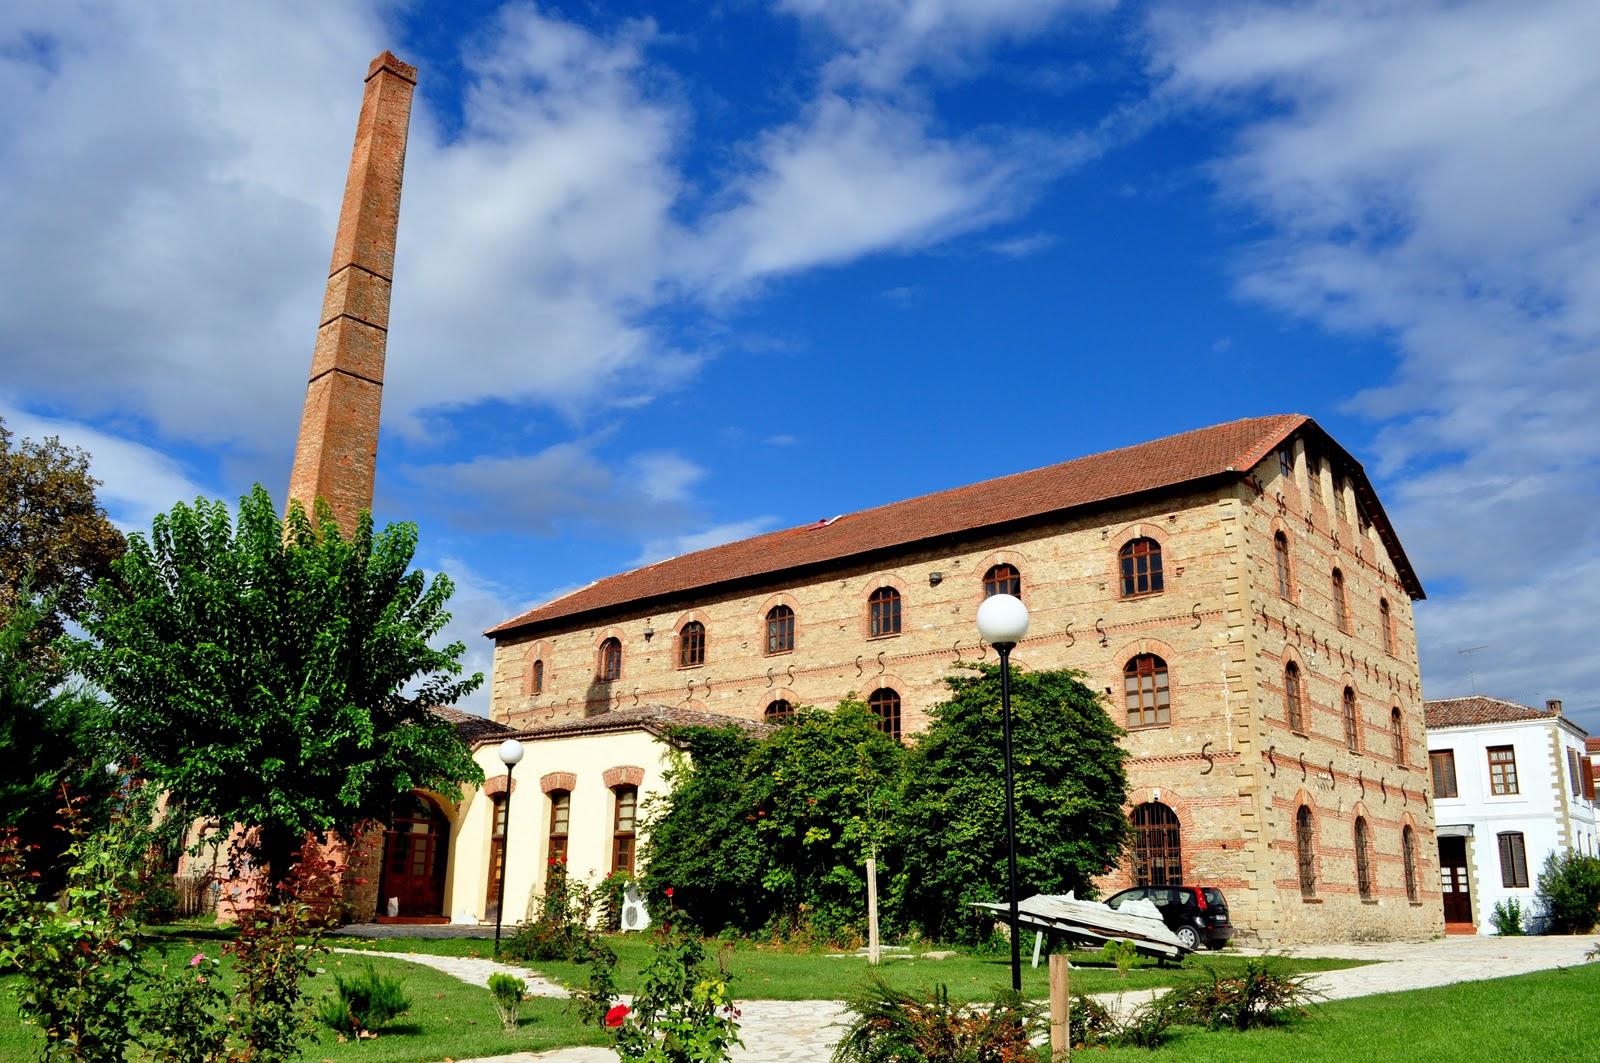 Εγκαίνια του Βιομηχανικού - Αγροτικού Μουσείου στο Μύλο Ματσόπουλου στα Τρίκαλα